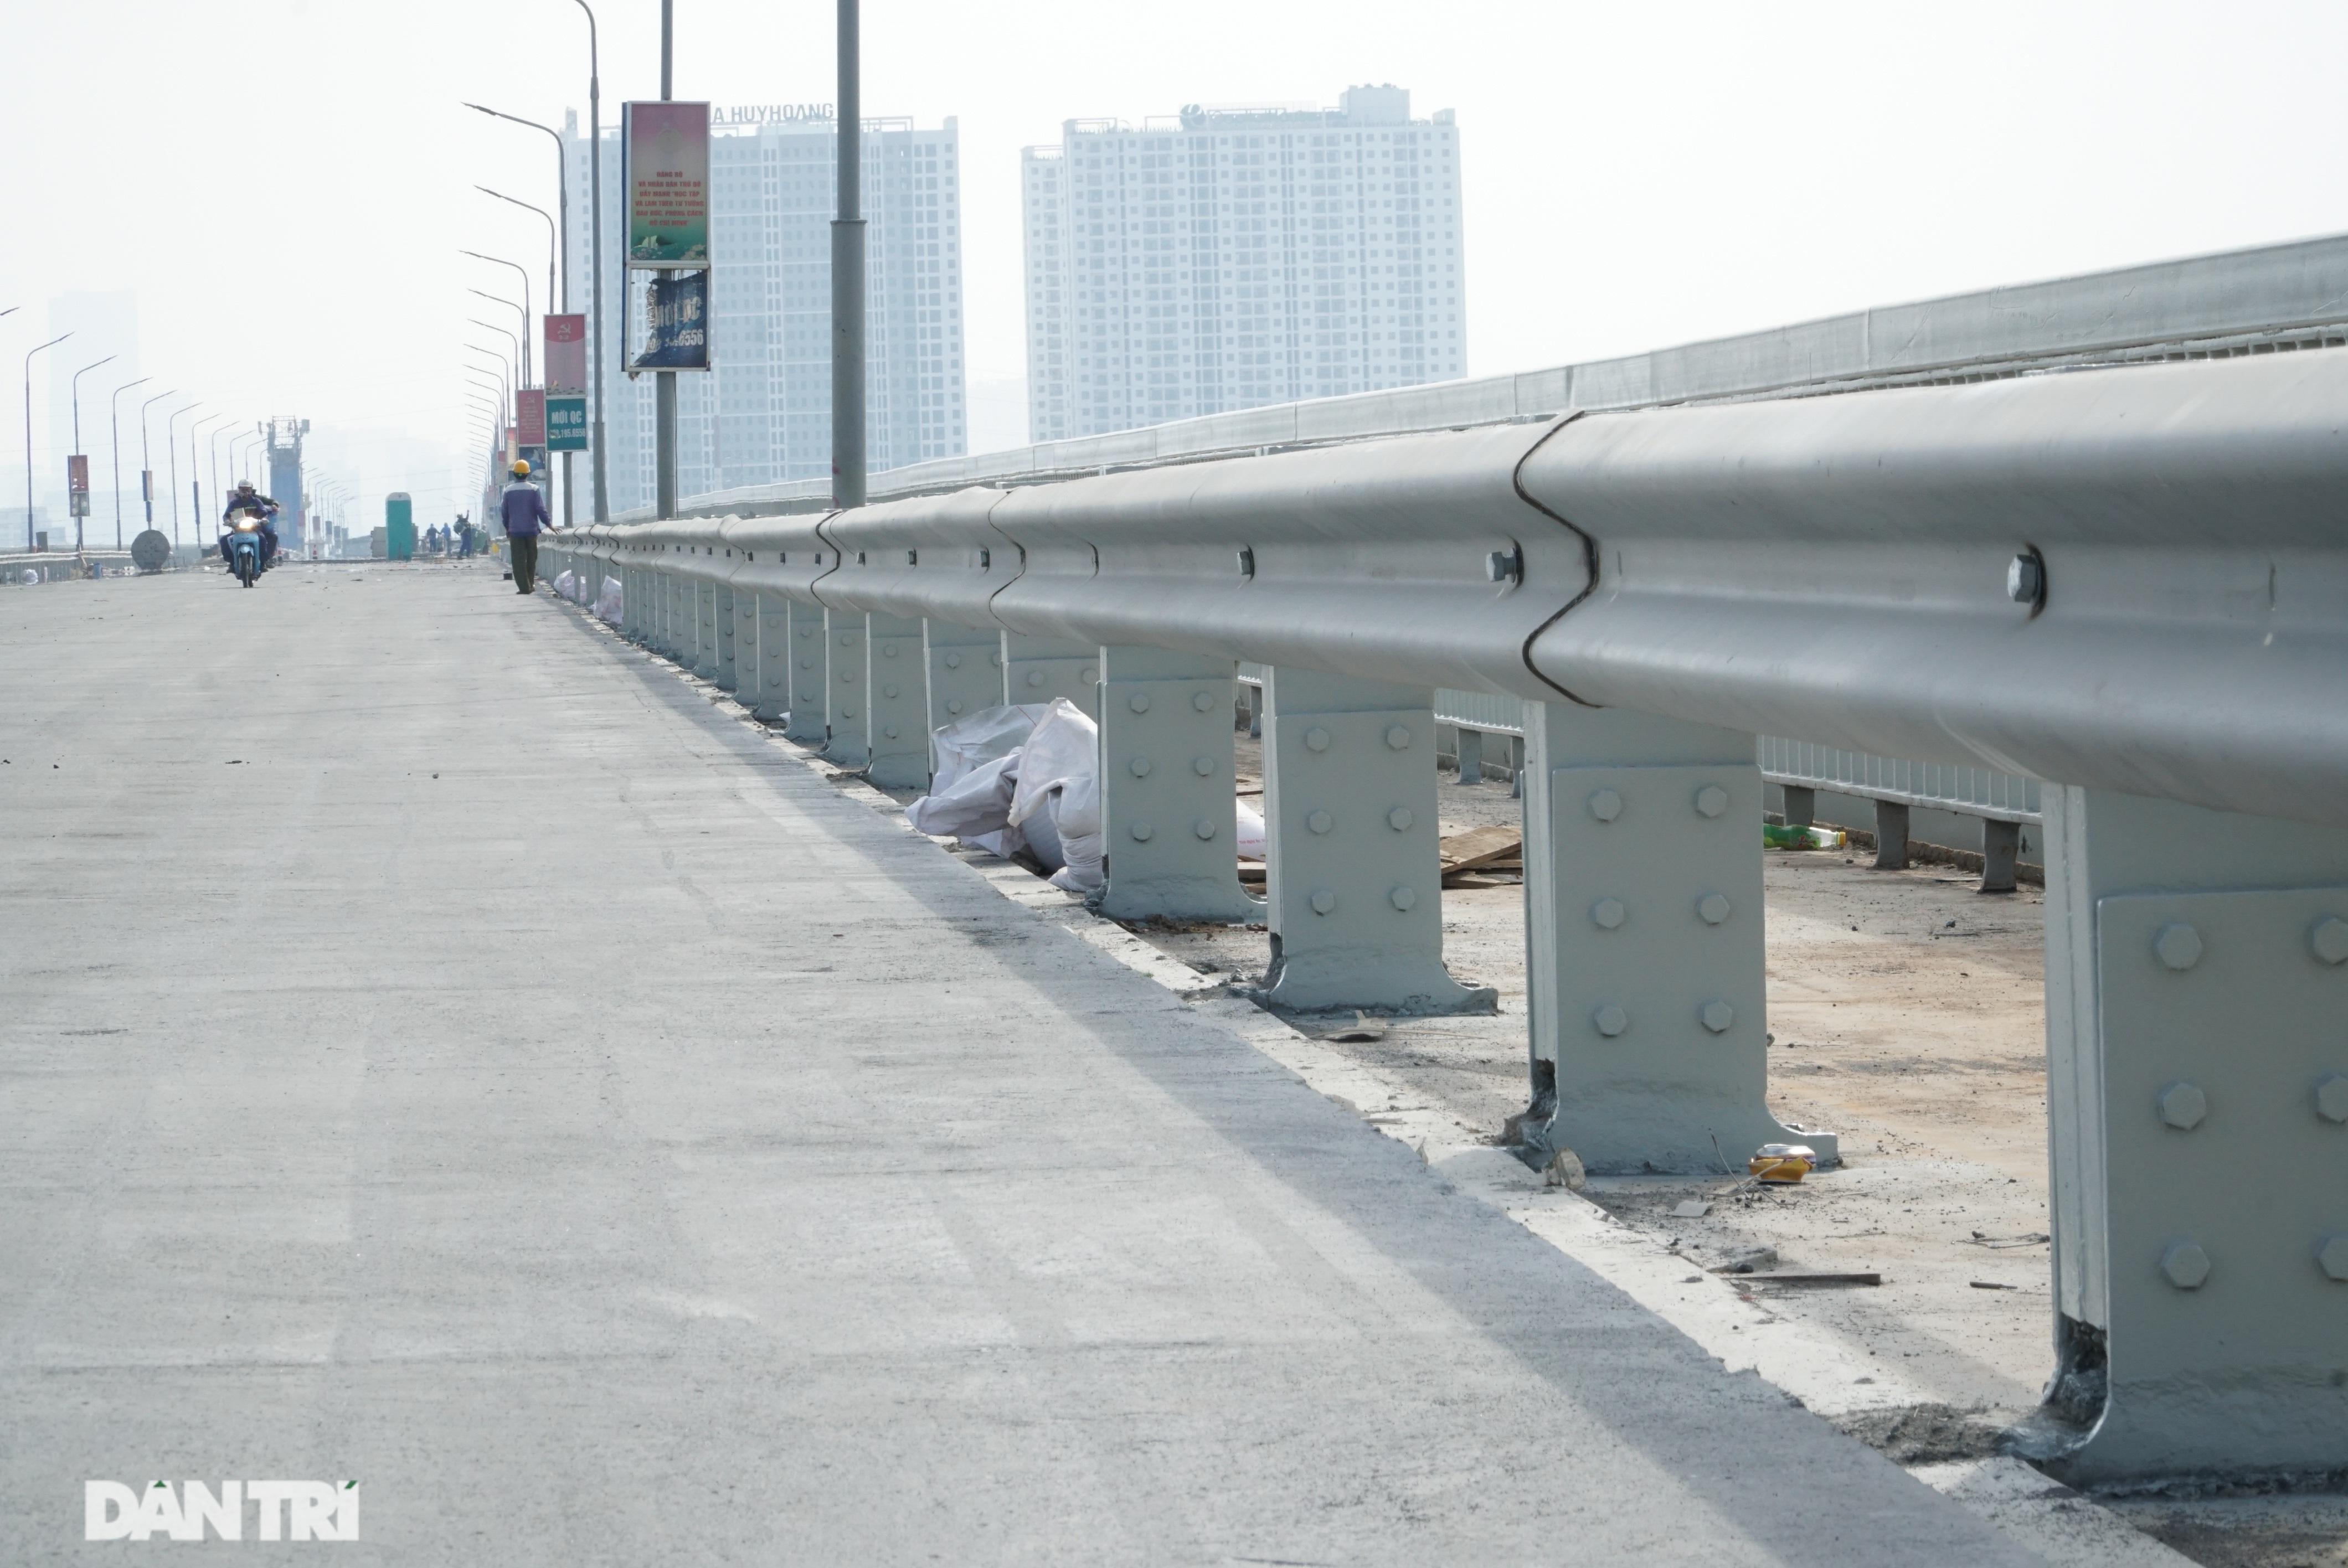 Những hình ảnh mới nhất của đại công trường sửa chữa mặt cầu Thăng Long - 11